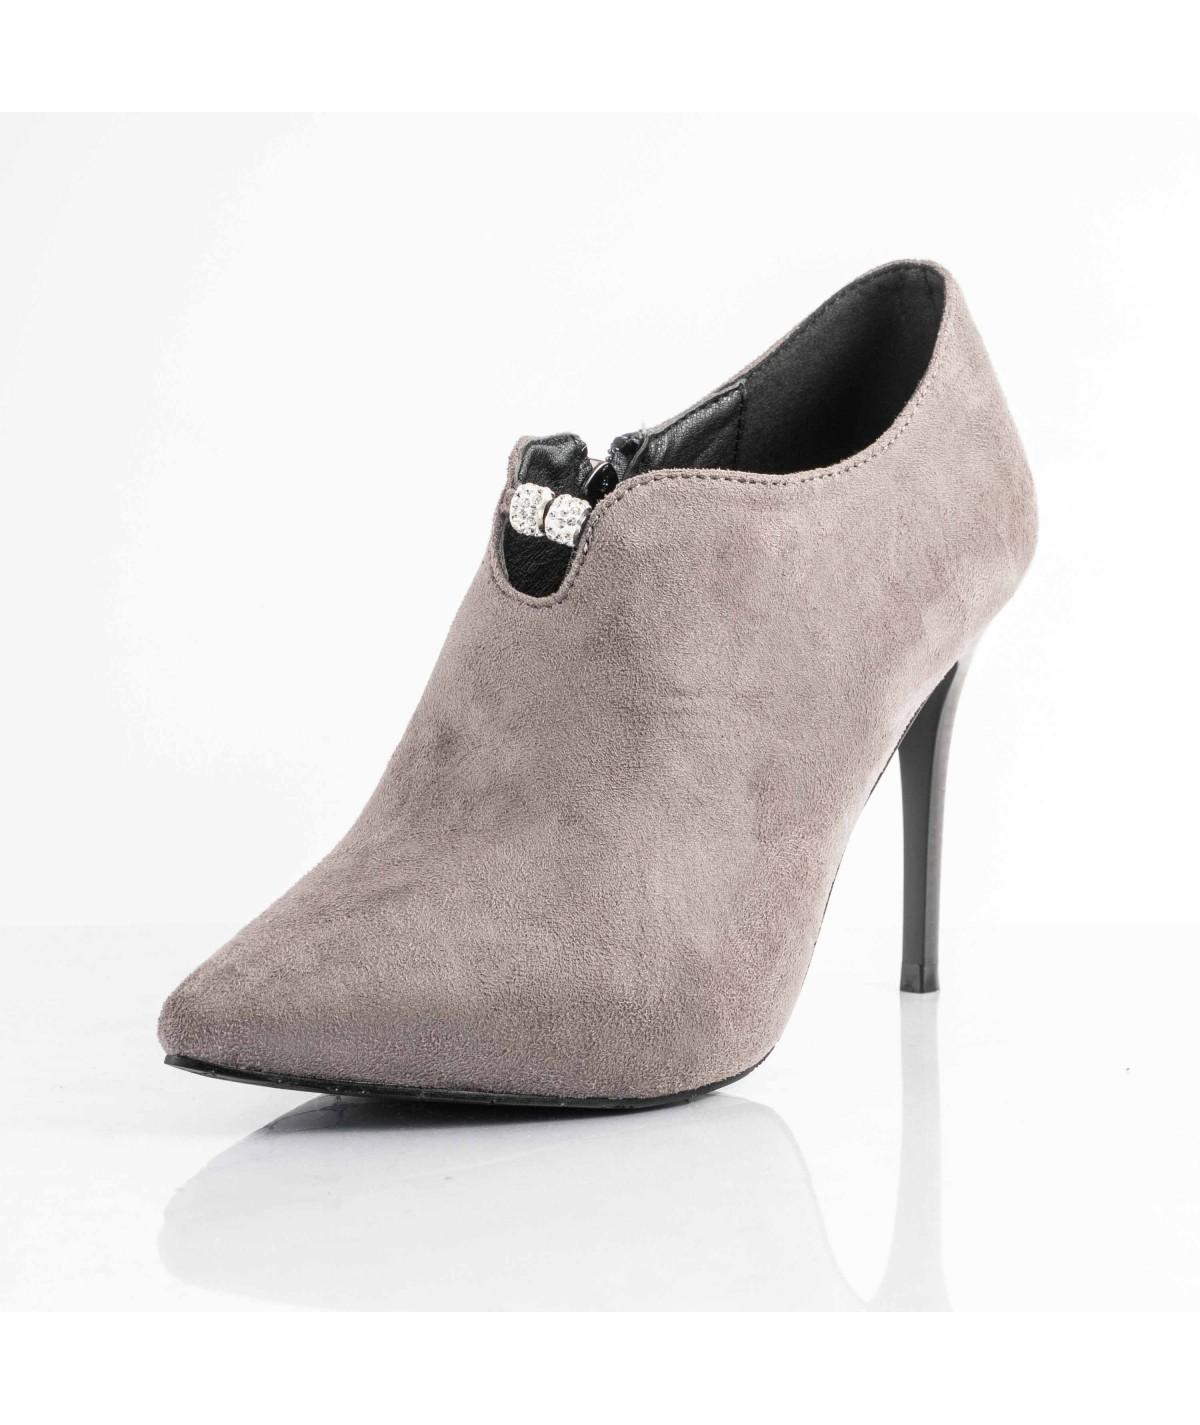 Geena stilettos